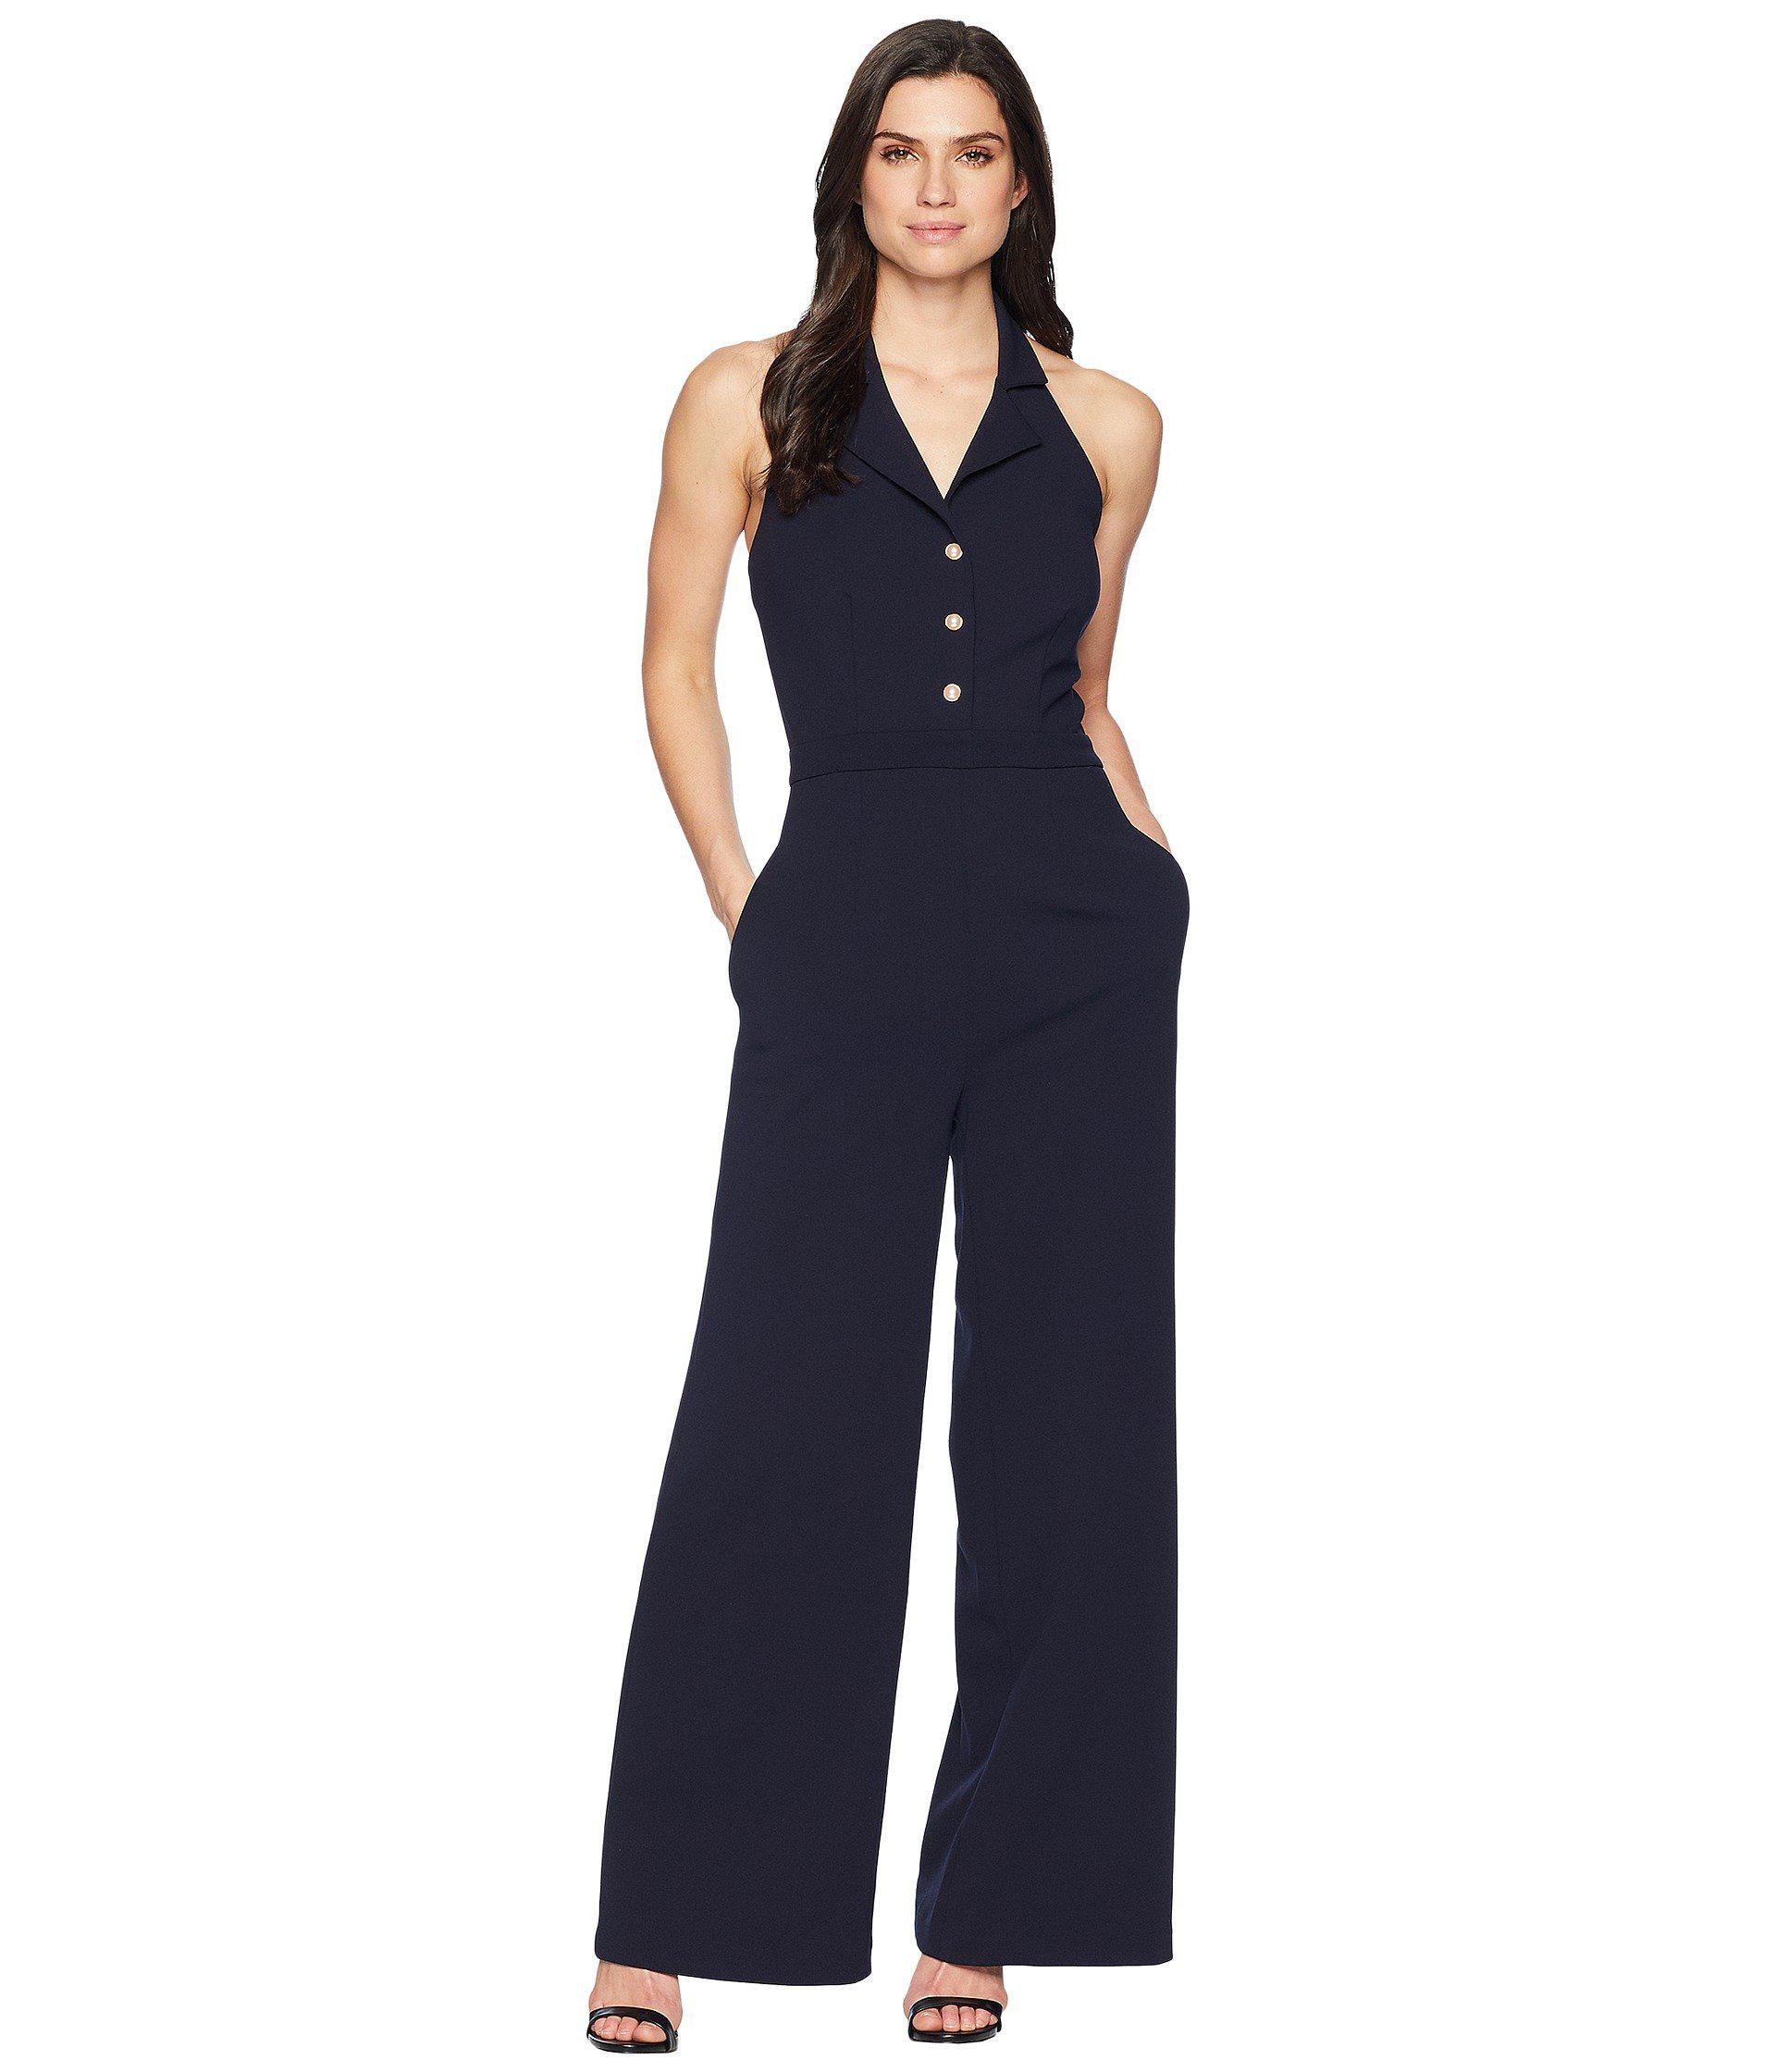 e6e20fa3ba49 Lyst - Ivanka Trump Halter Neck Maxi Jumpsuit in Blue - Save 43%